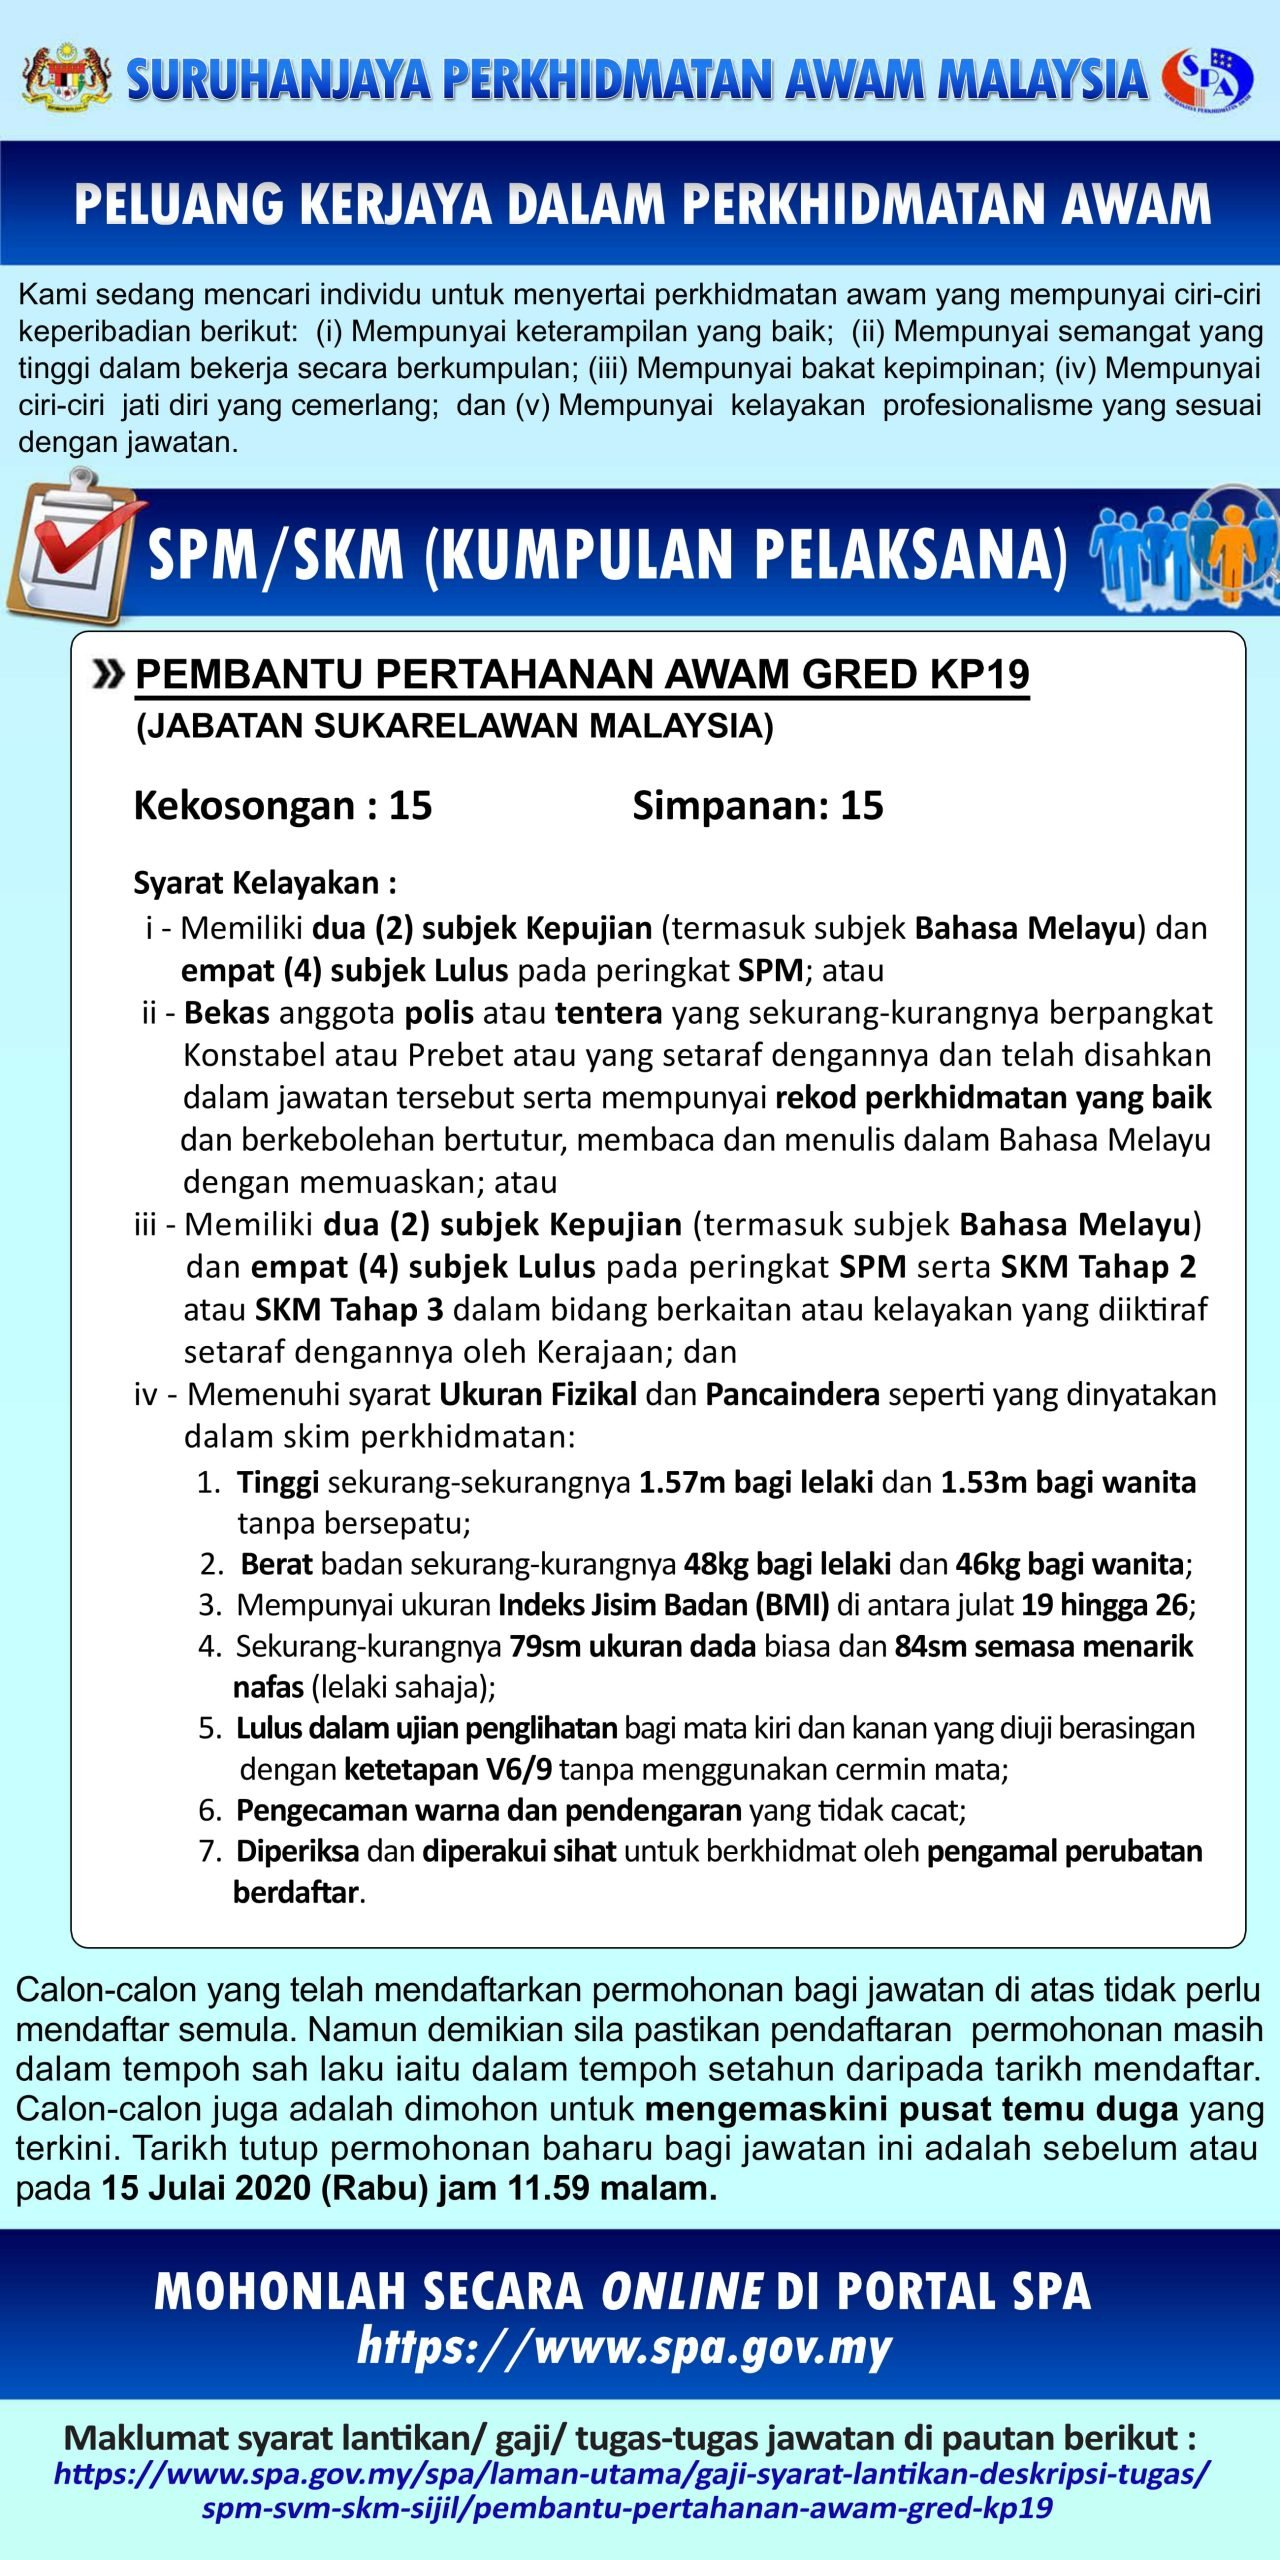 Jabatan Sukarelawan Malaysia Rela 2020 Pembantu Pertahanan Awam Gred Kp19 Portal Malaysia